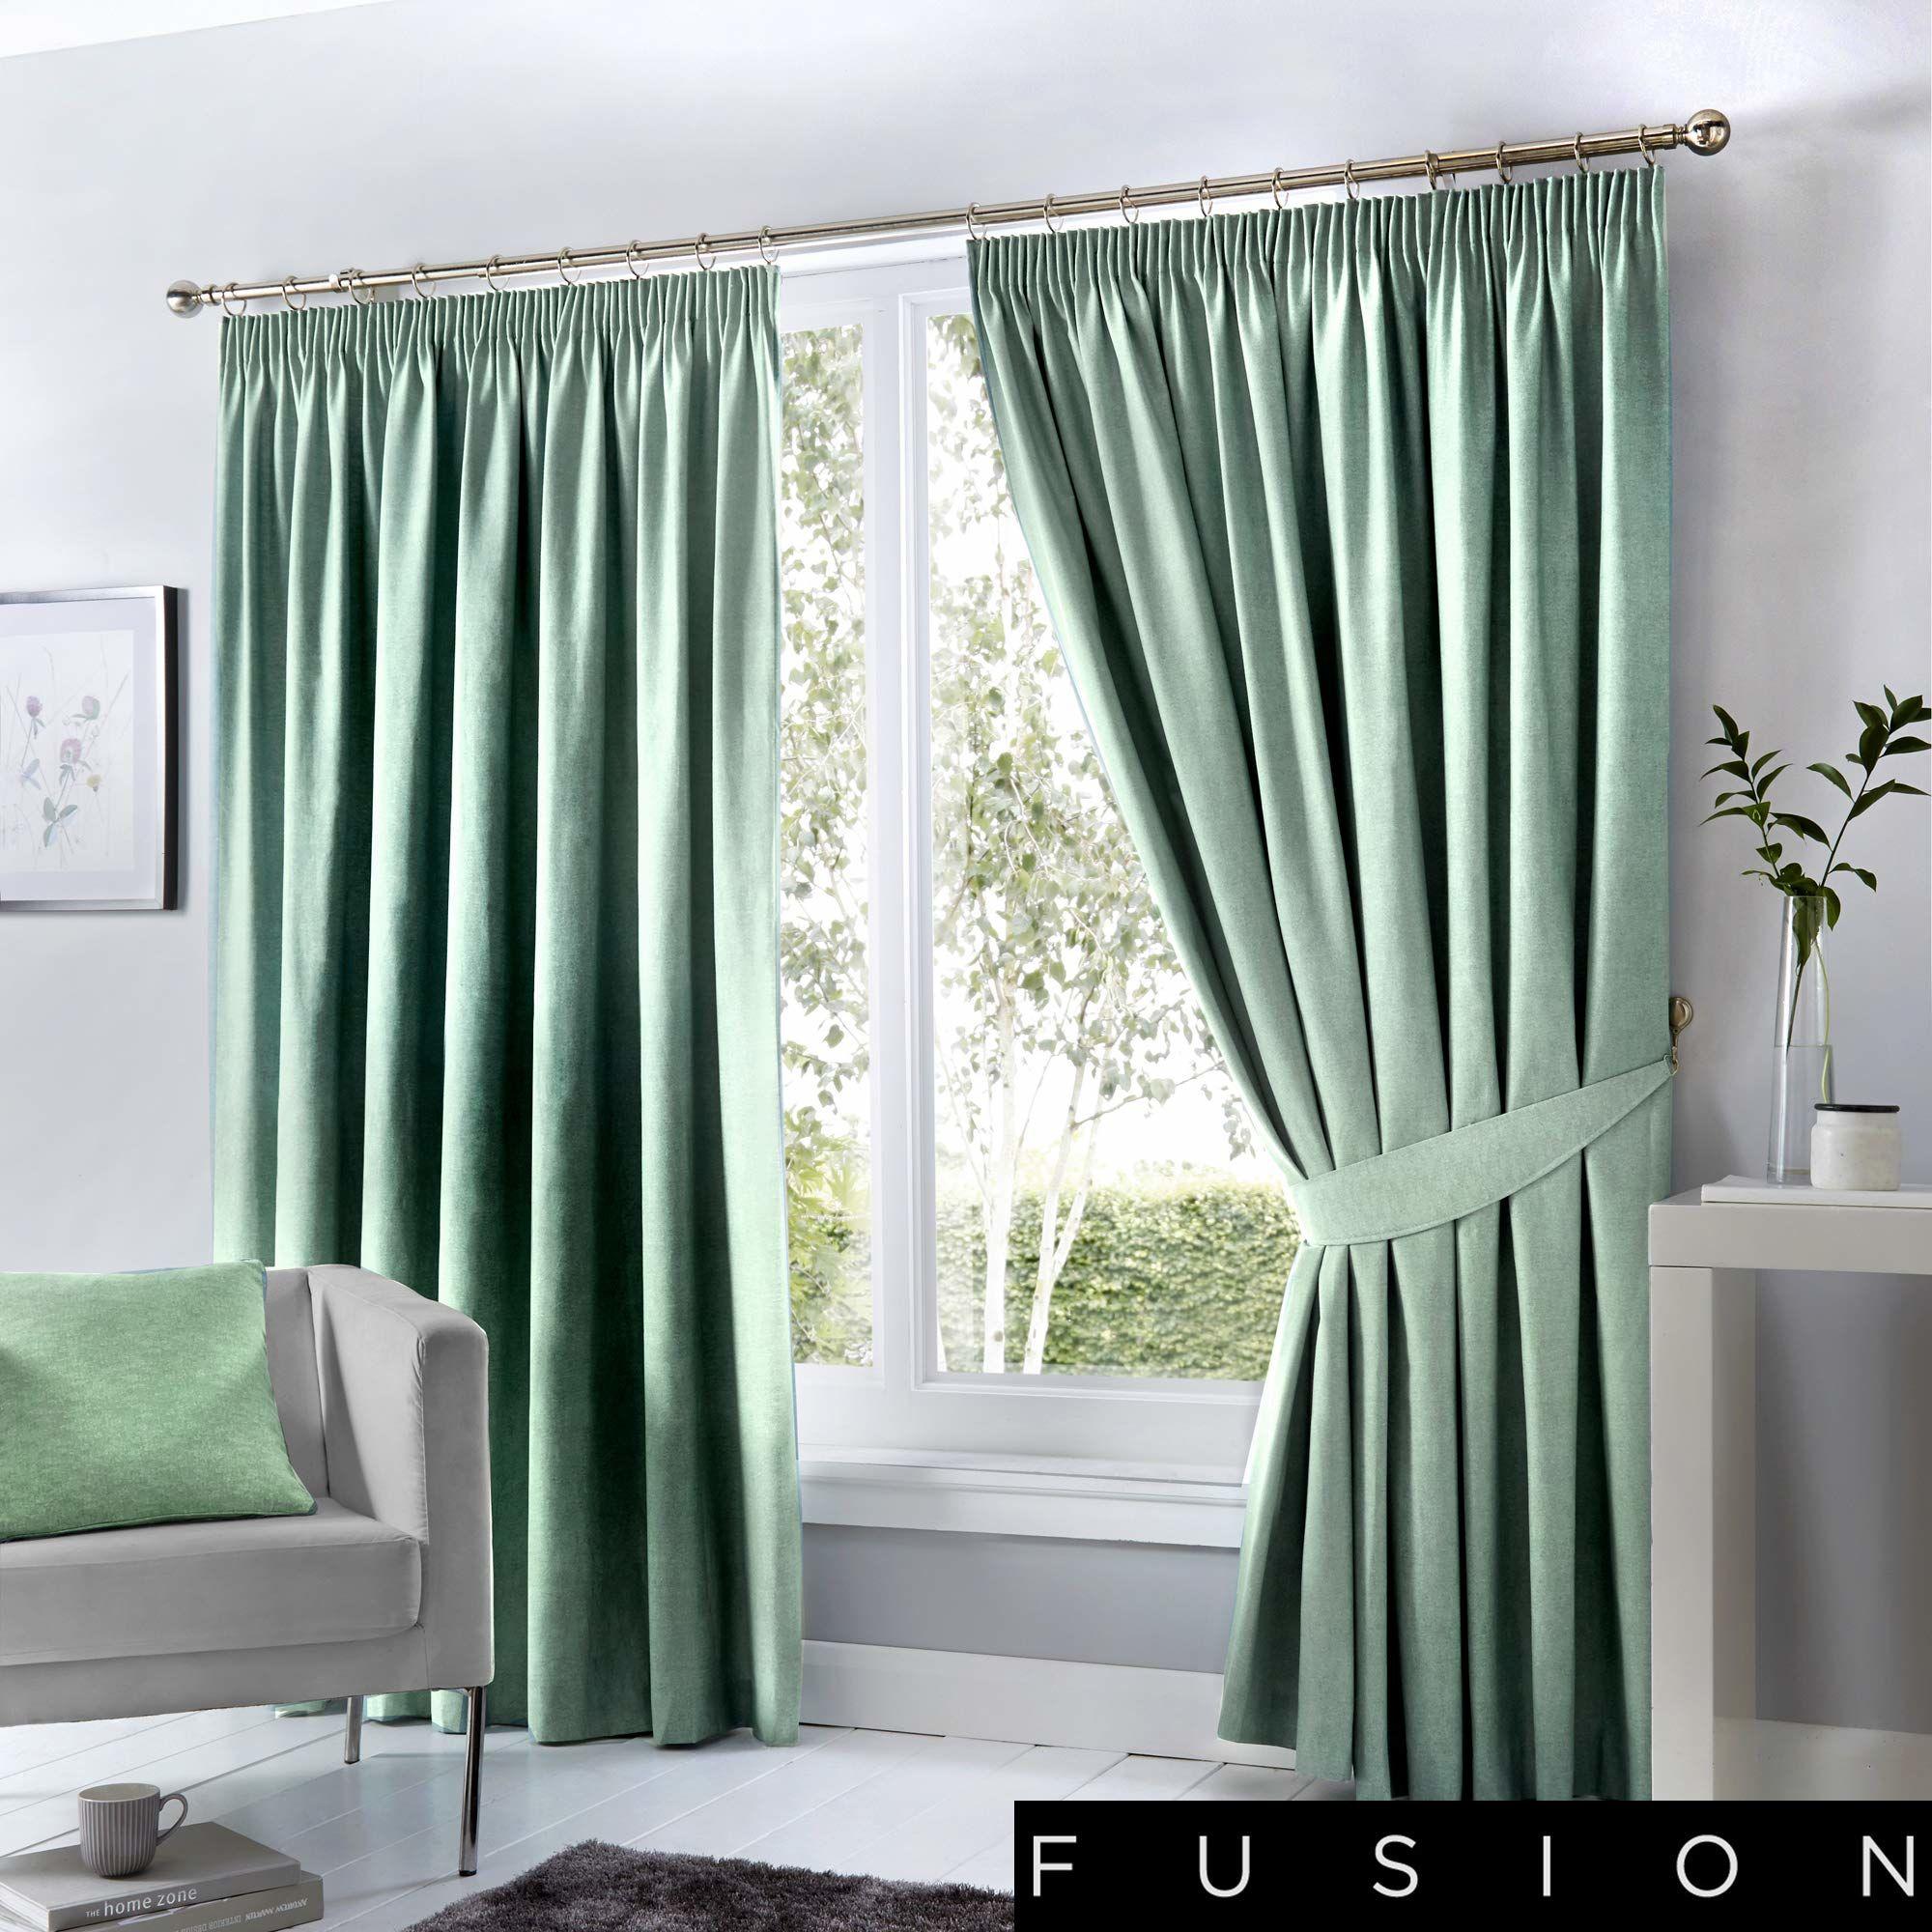 Fusion poduszka, zaciemnienie / izolacja cieplna, duck egg, Curtains: 117 x 183 cm